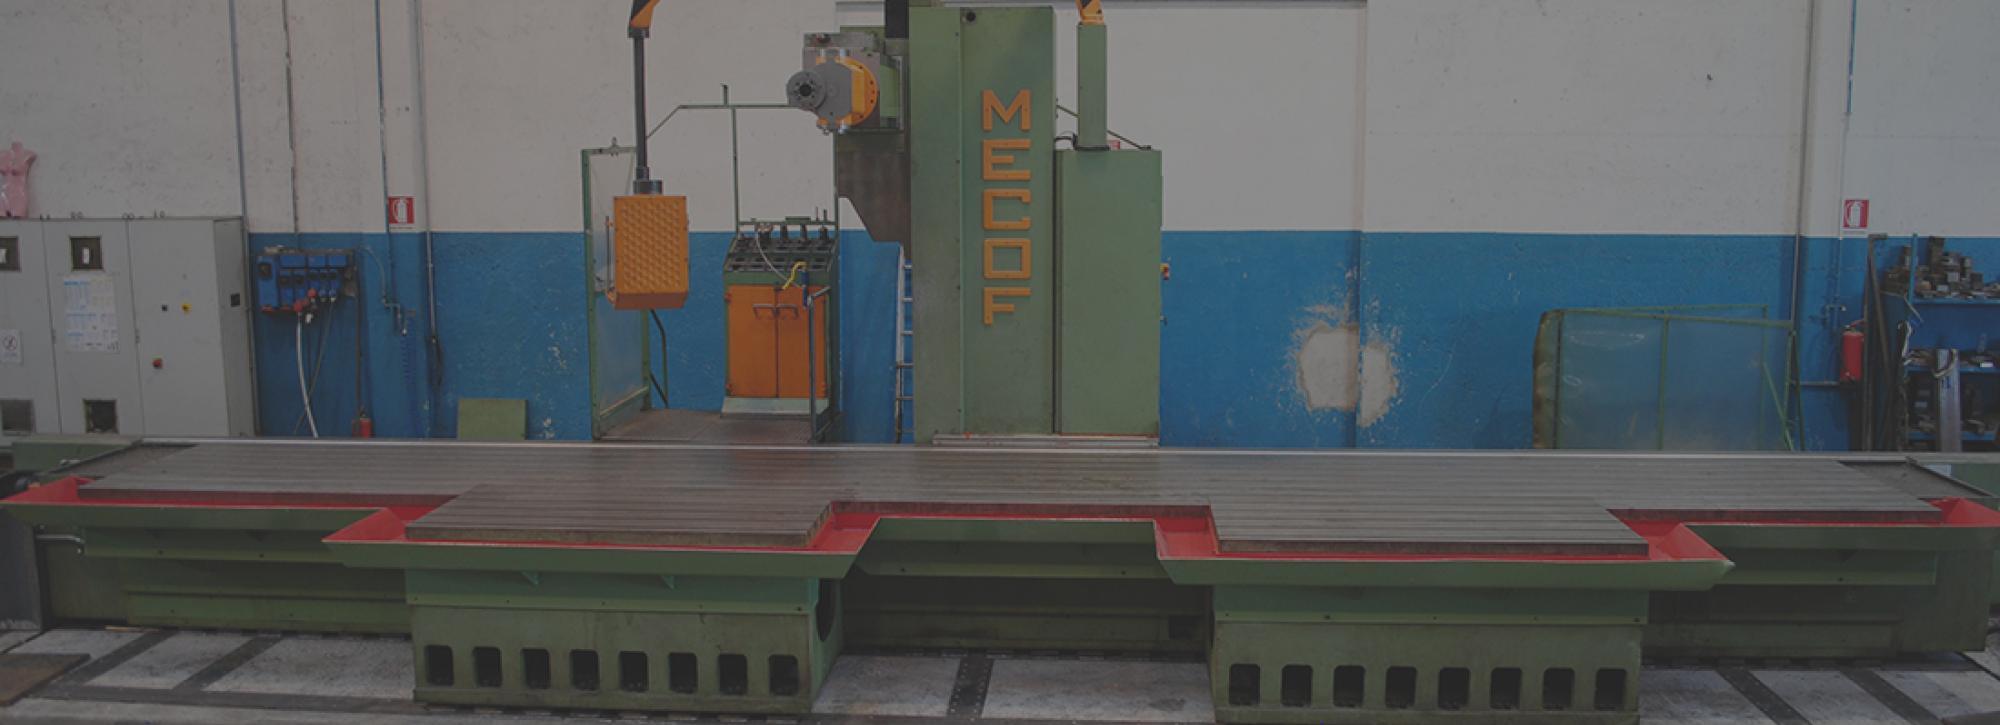 LMP SRL - lavorazioni meccaniche Pilati